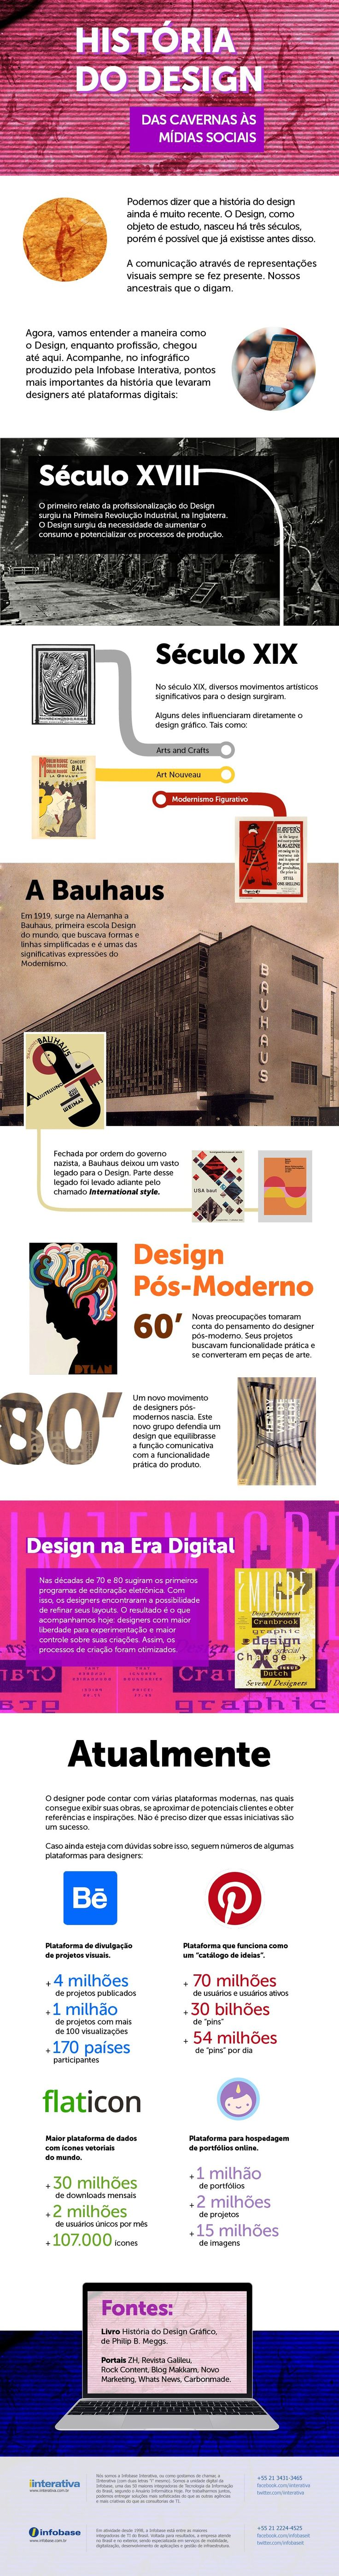 Infografico: A evolução do design